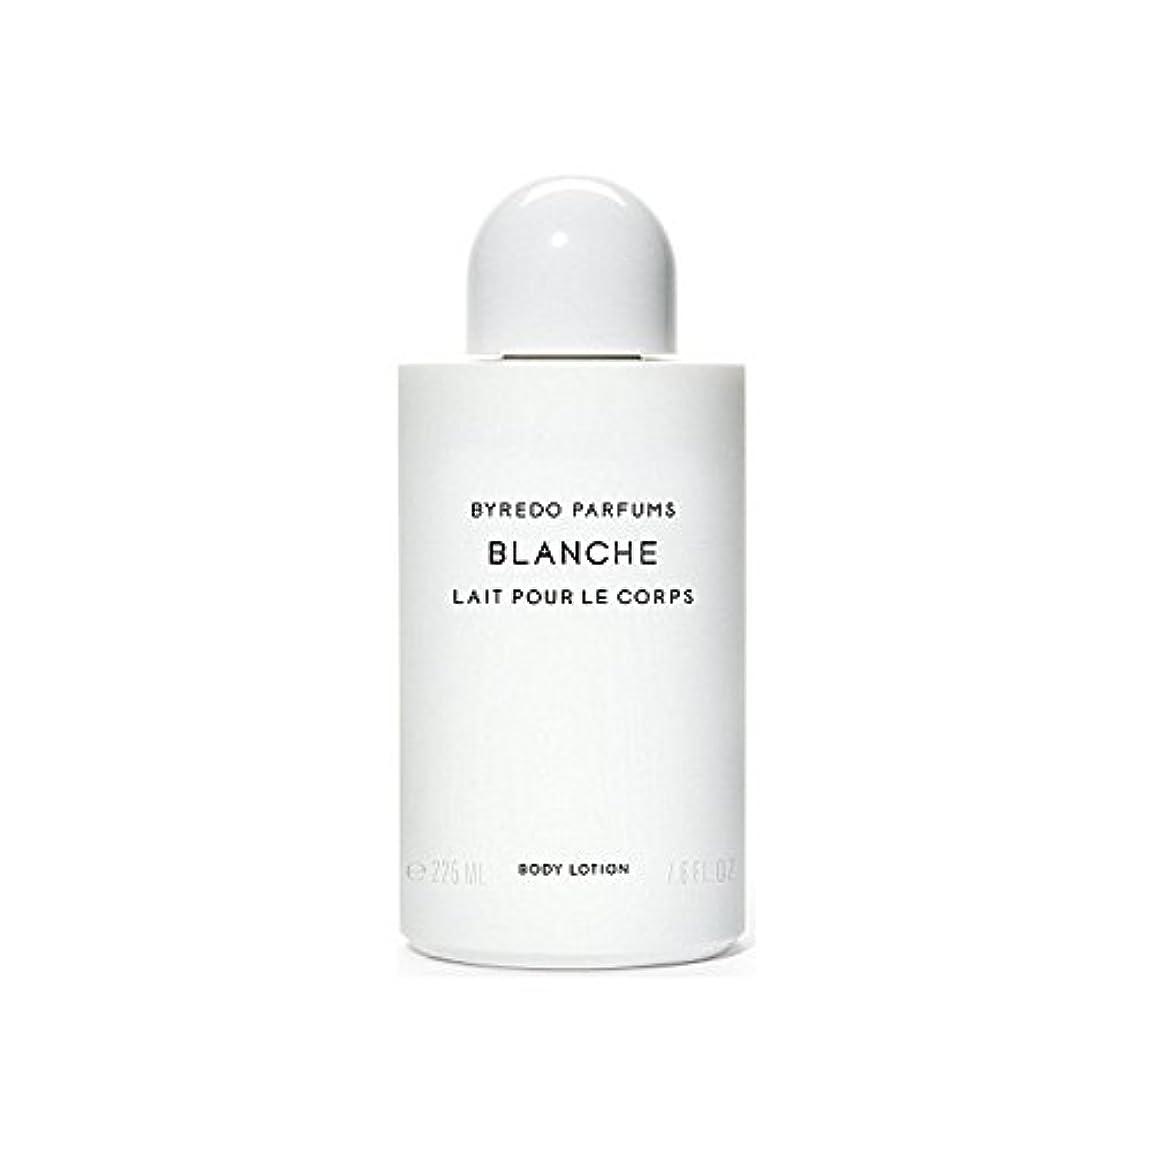 クラッシュコメントくしゃくしゃブランシュボディローション225ミリリットル x4 - Byredo Blanche Body Lotion 225ml (Pack of 4) [並行輸入品]